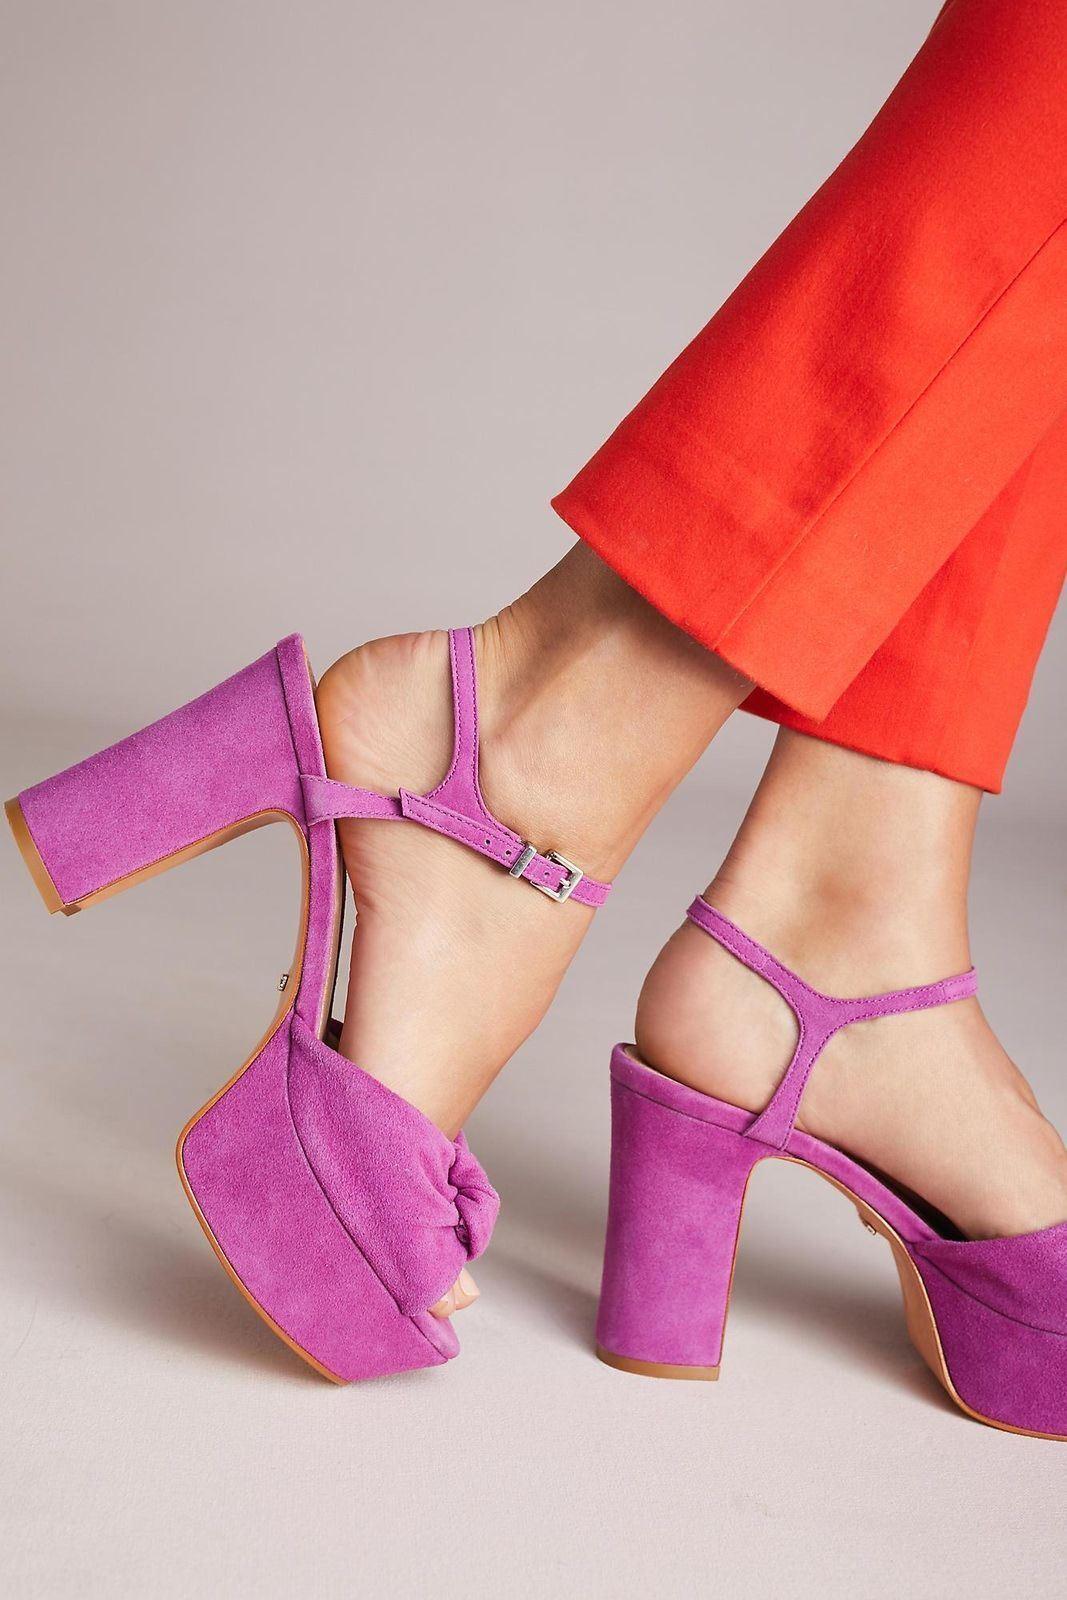 SCHUTZ Thalyta Platform Grape viola Suede Retro Ankle Strap Flatform Sandals